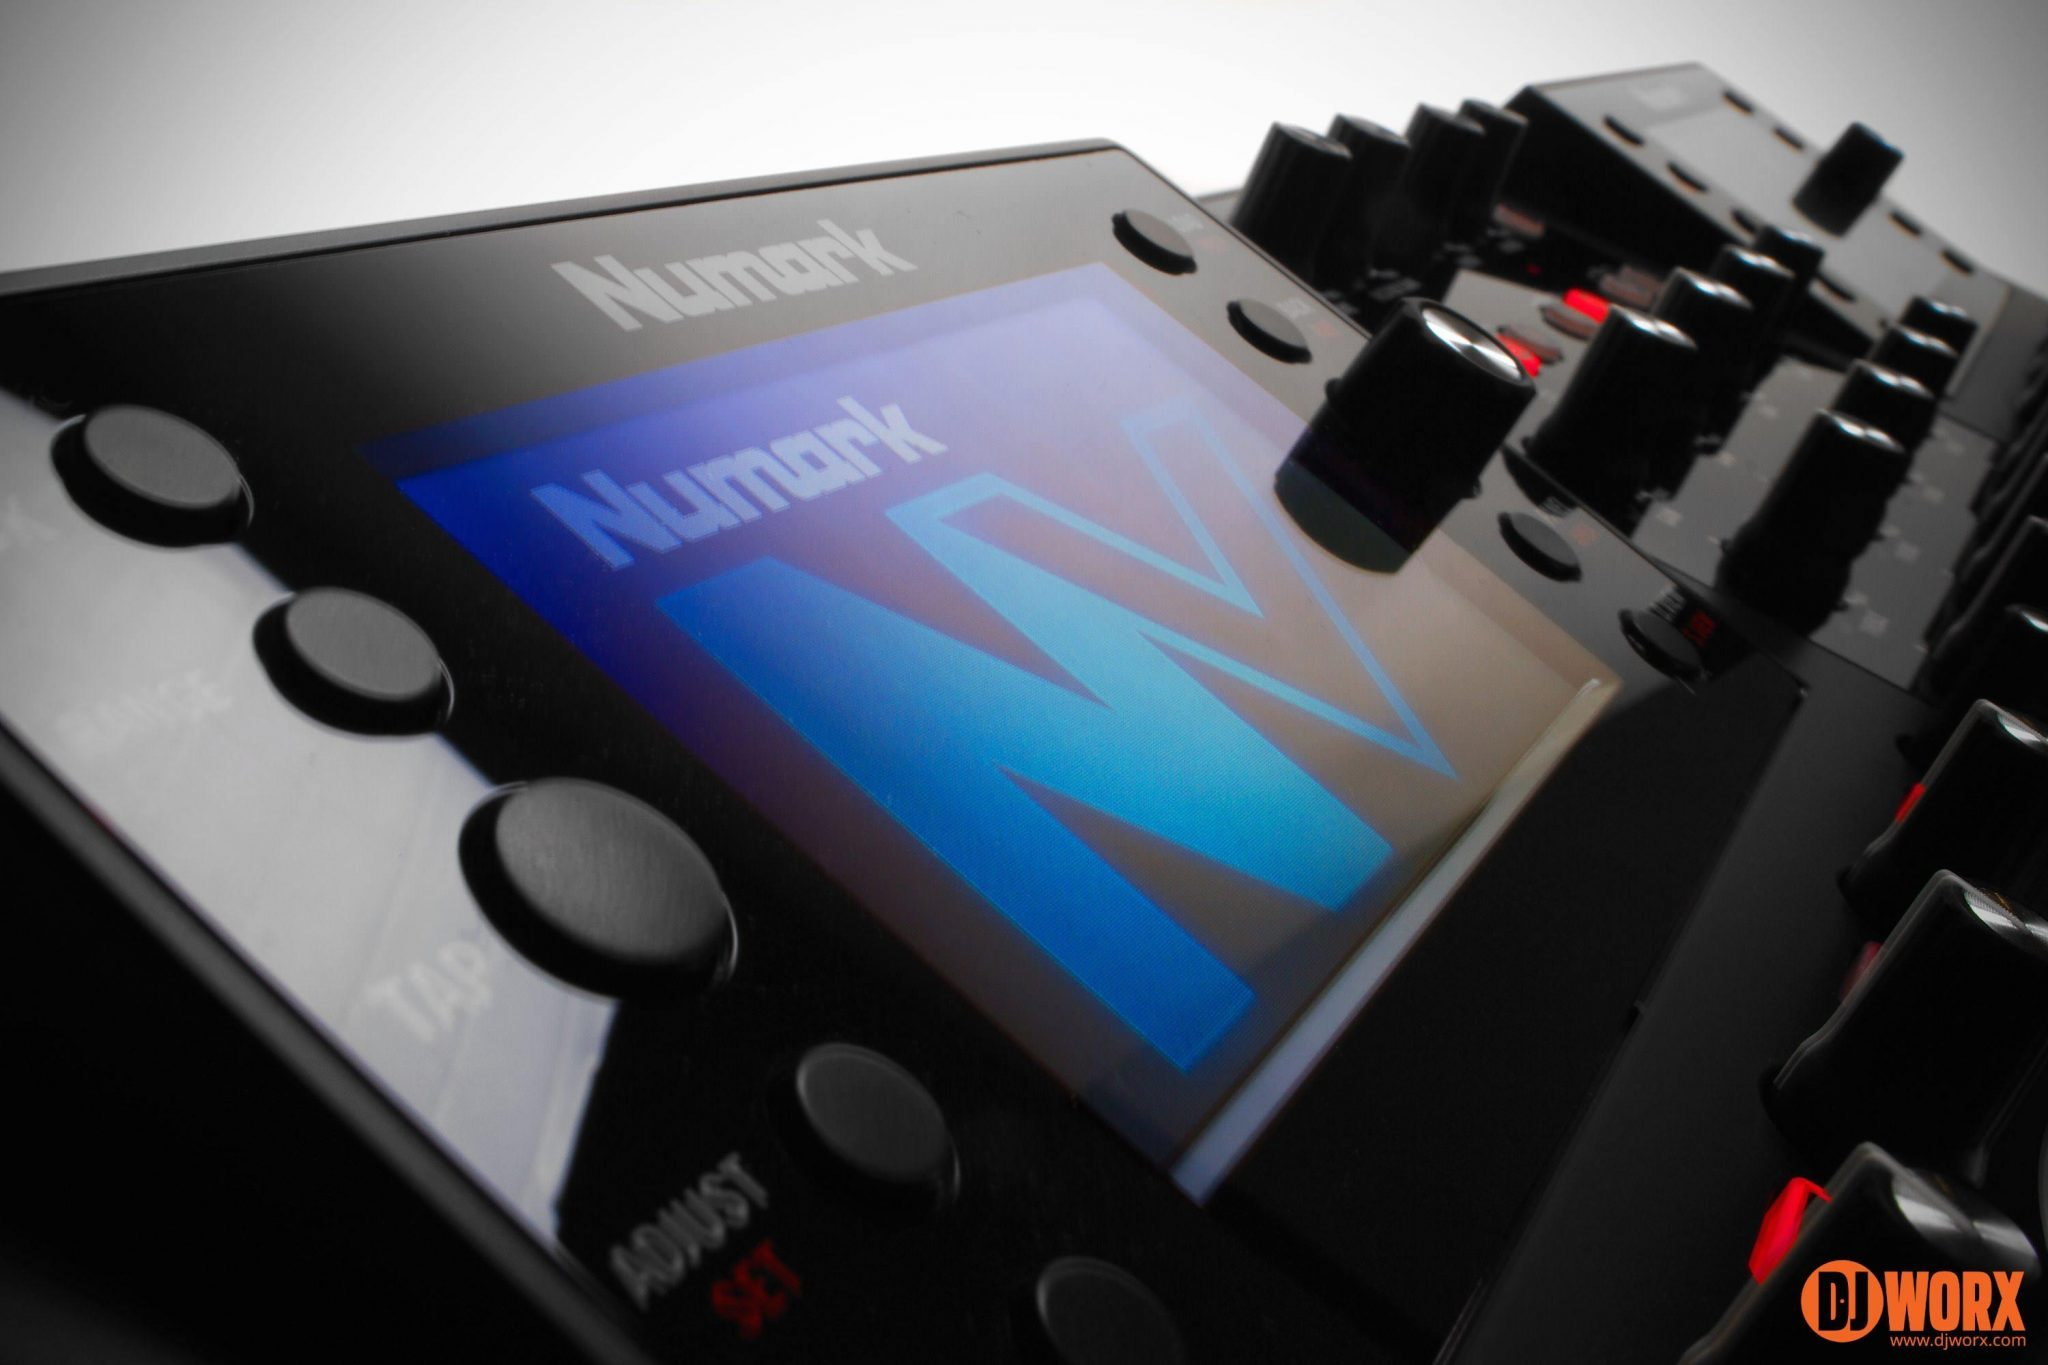 Numark NV Serato DJ controller review (21)